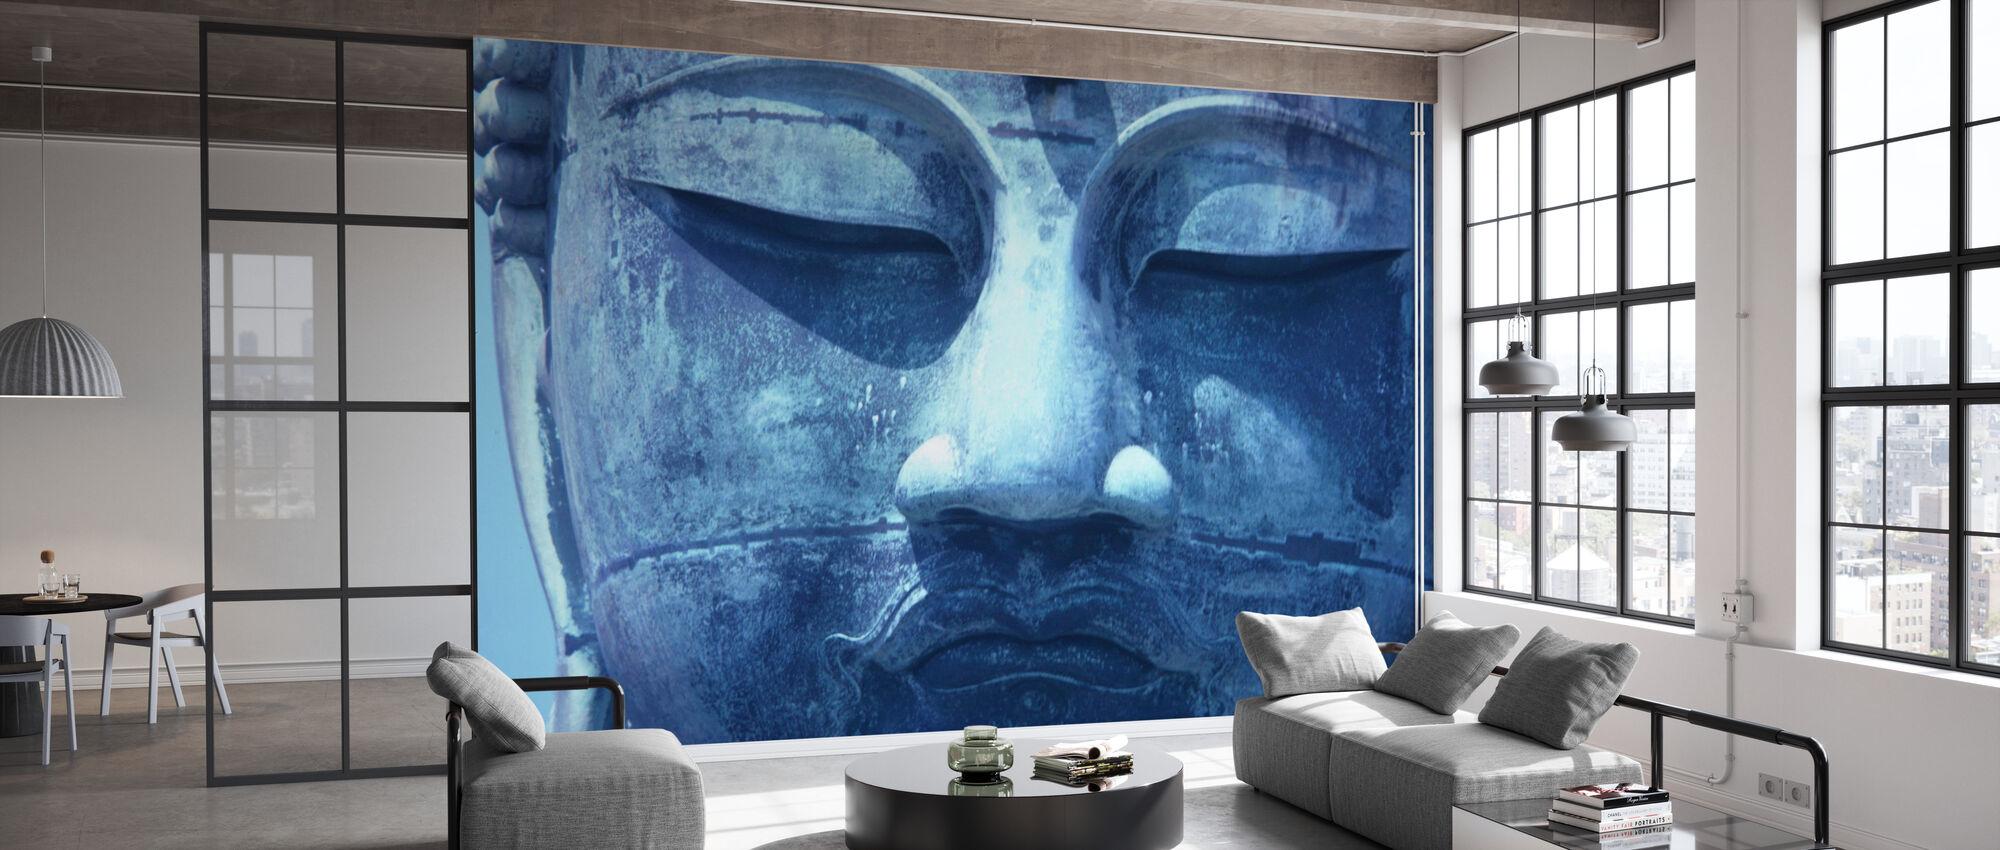 Blue Buddha - Wallpaper - Office